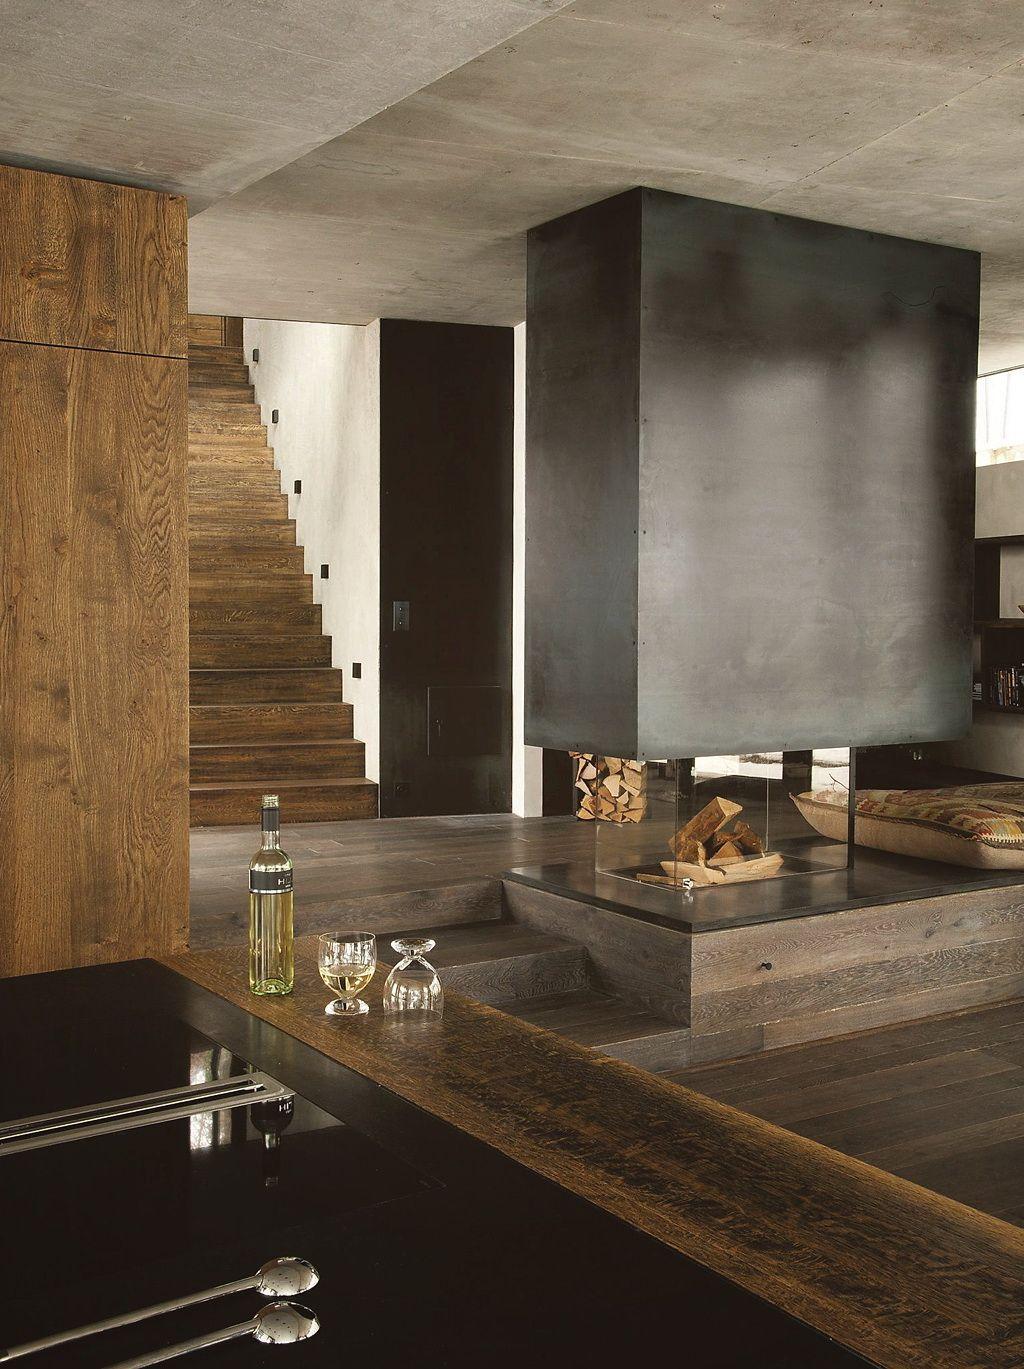 cotemaison un chalet moderne 4 chalet pinterest haus und wohnen wohnzimmer und einrichtung. Black Bedroom Furniture Sets. Home Design Ideas